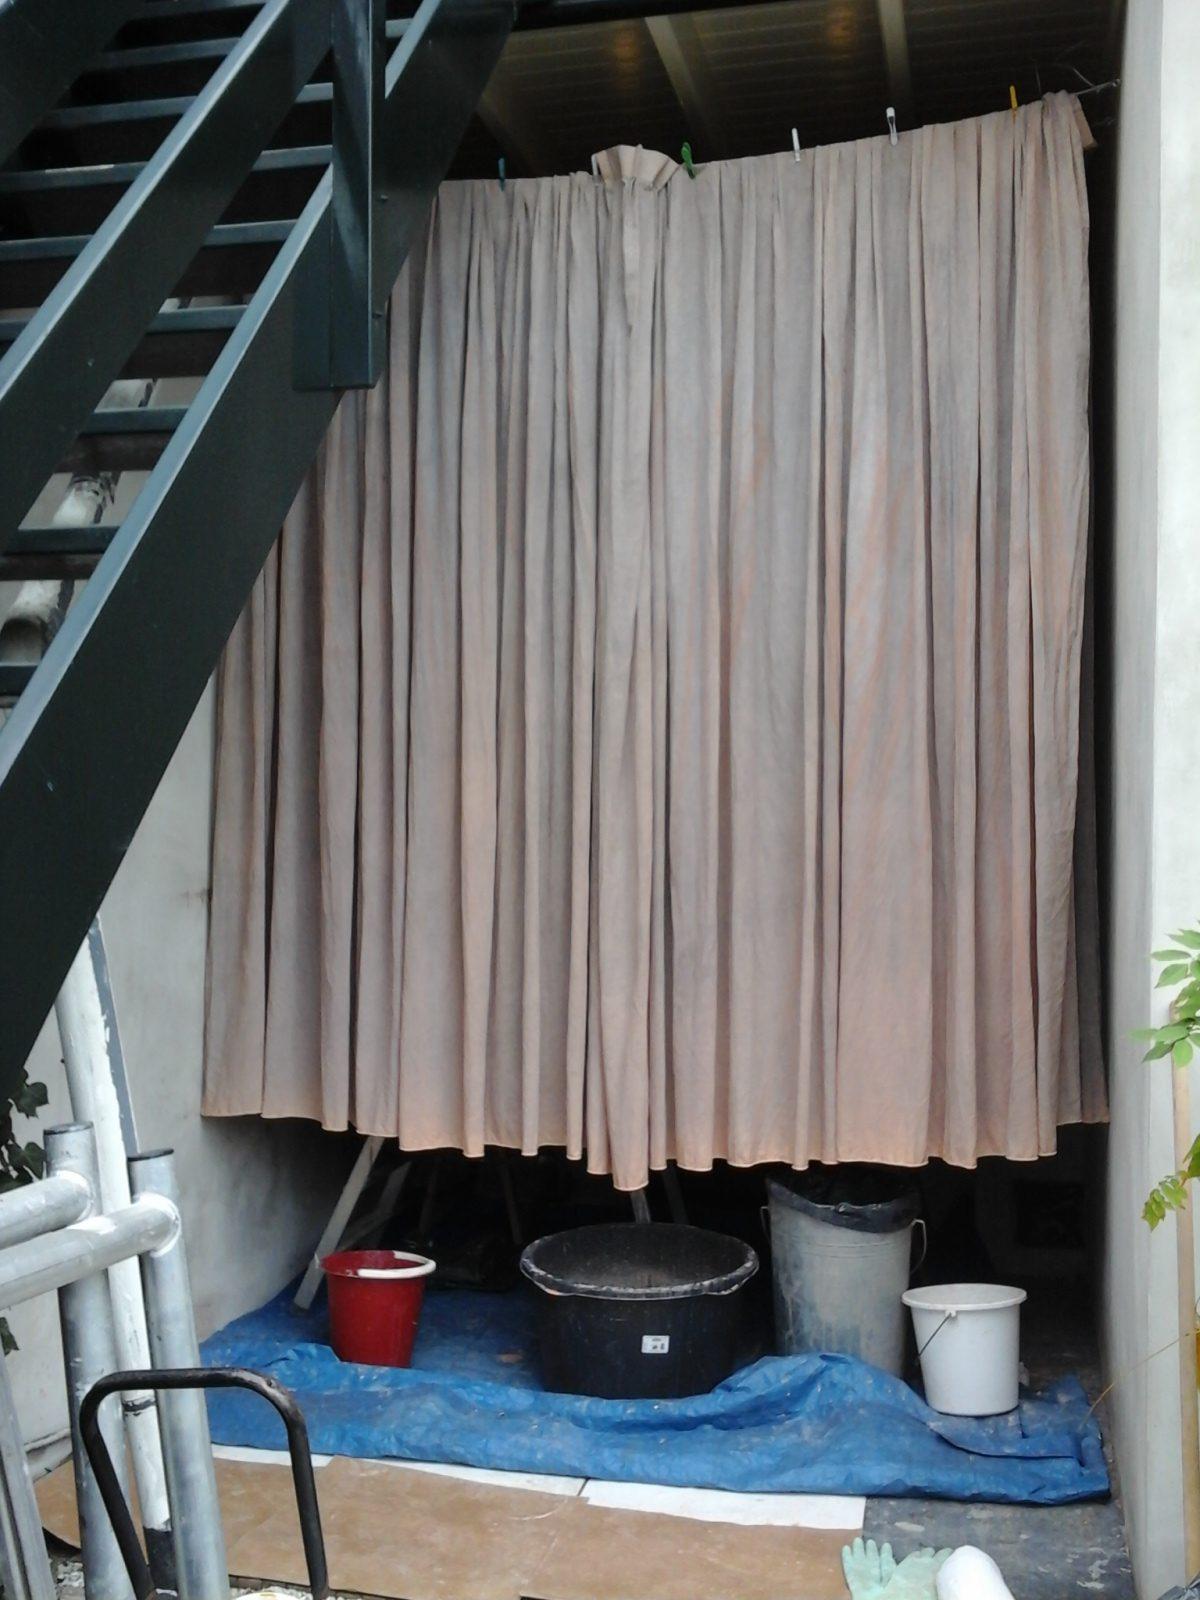 gordijnen verven met amazona krijtverf